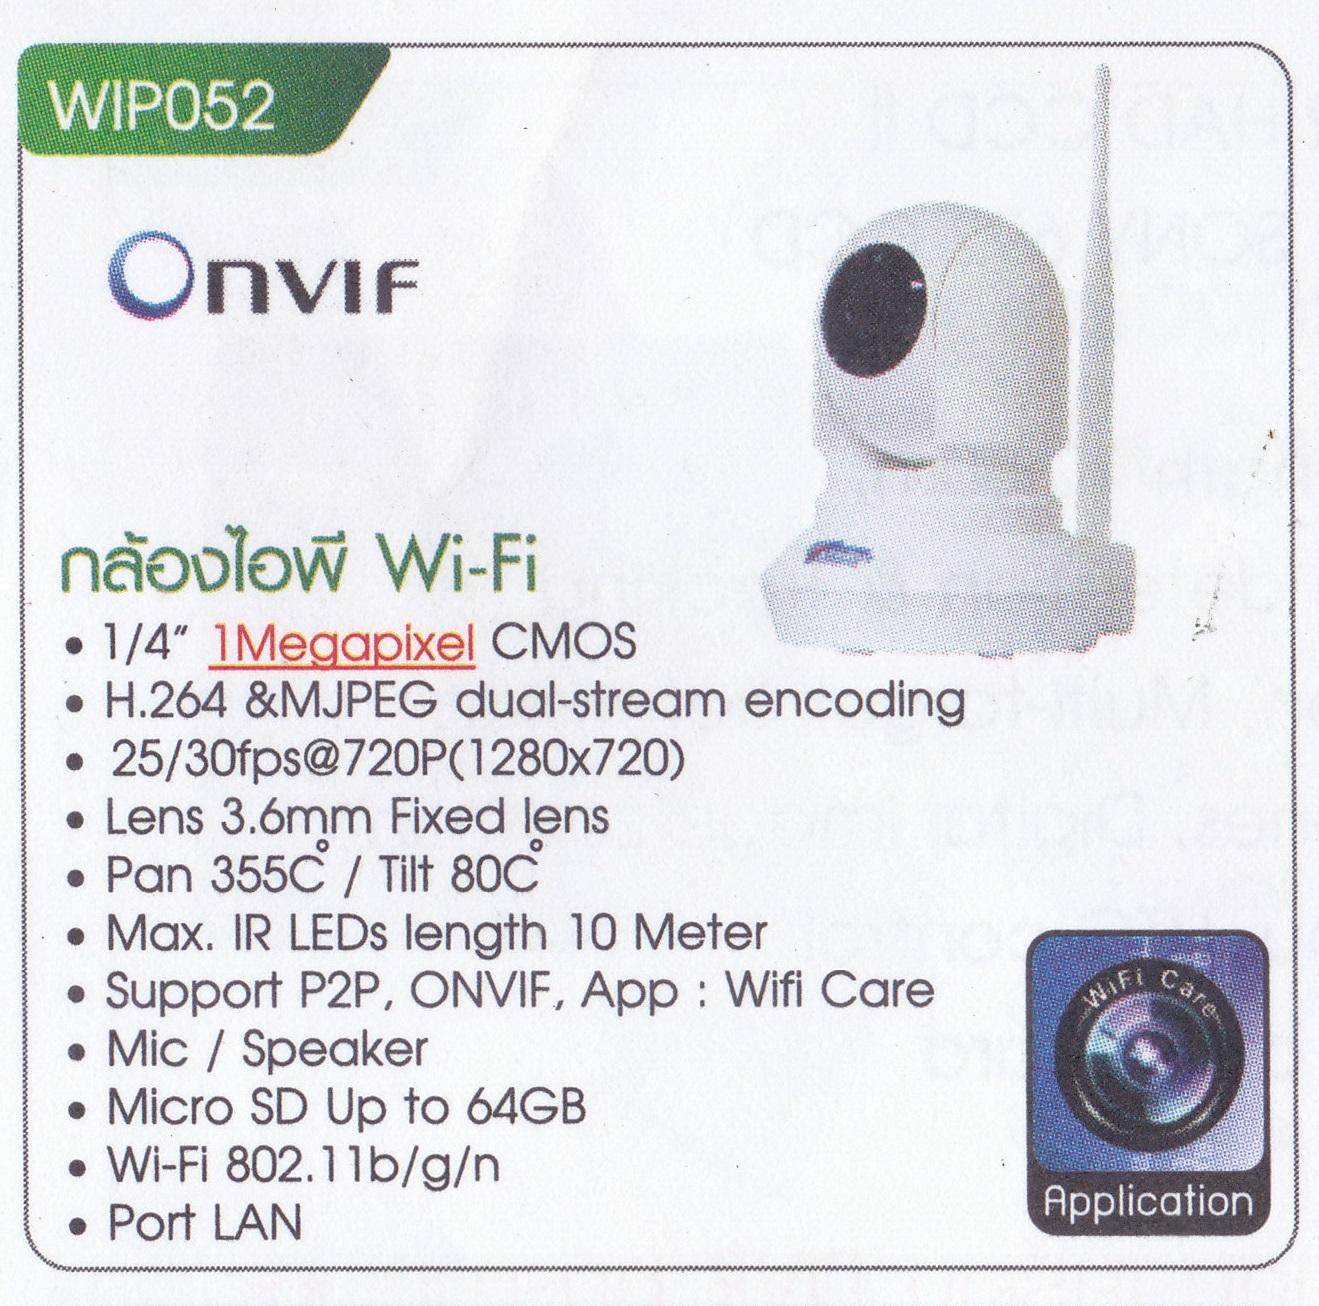 WIP052